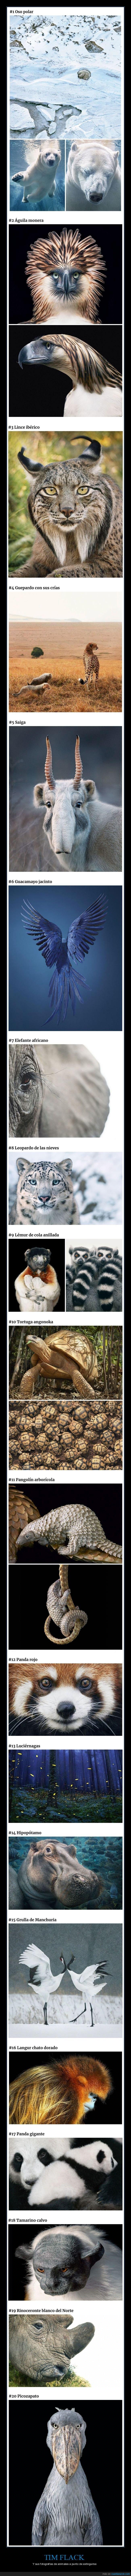 animales,extinción,fotografías,tim flack